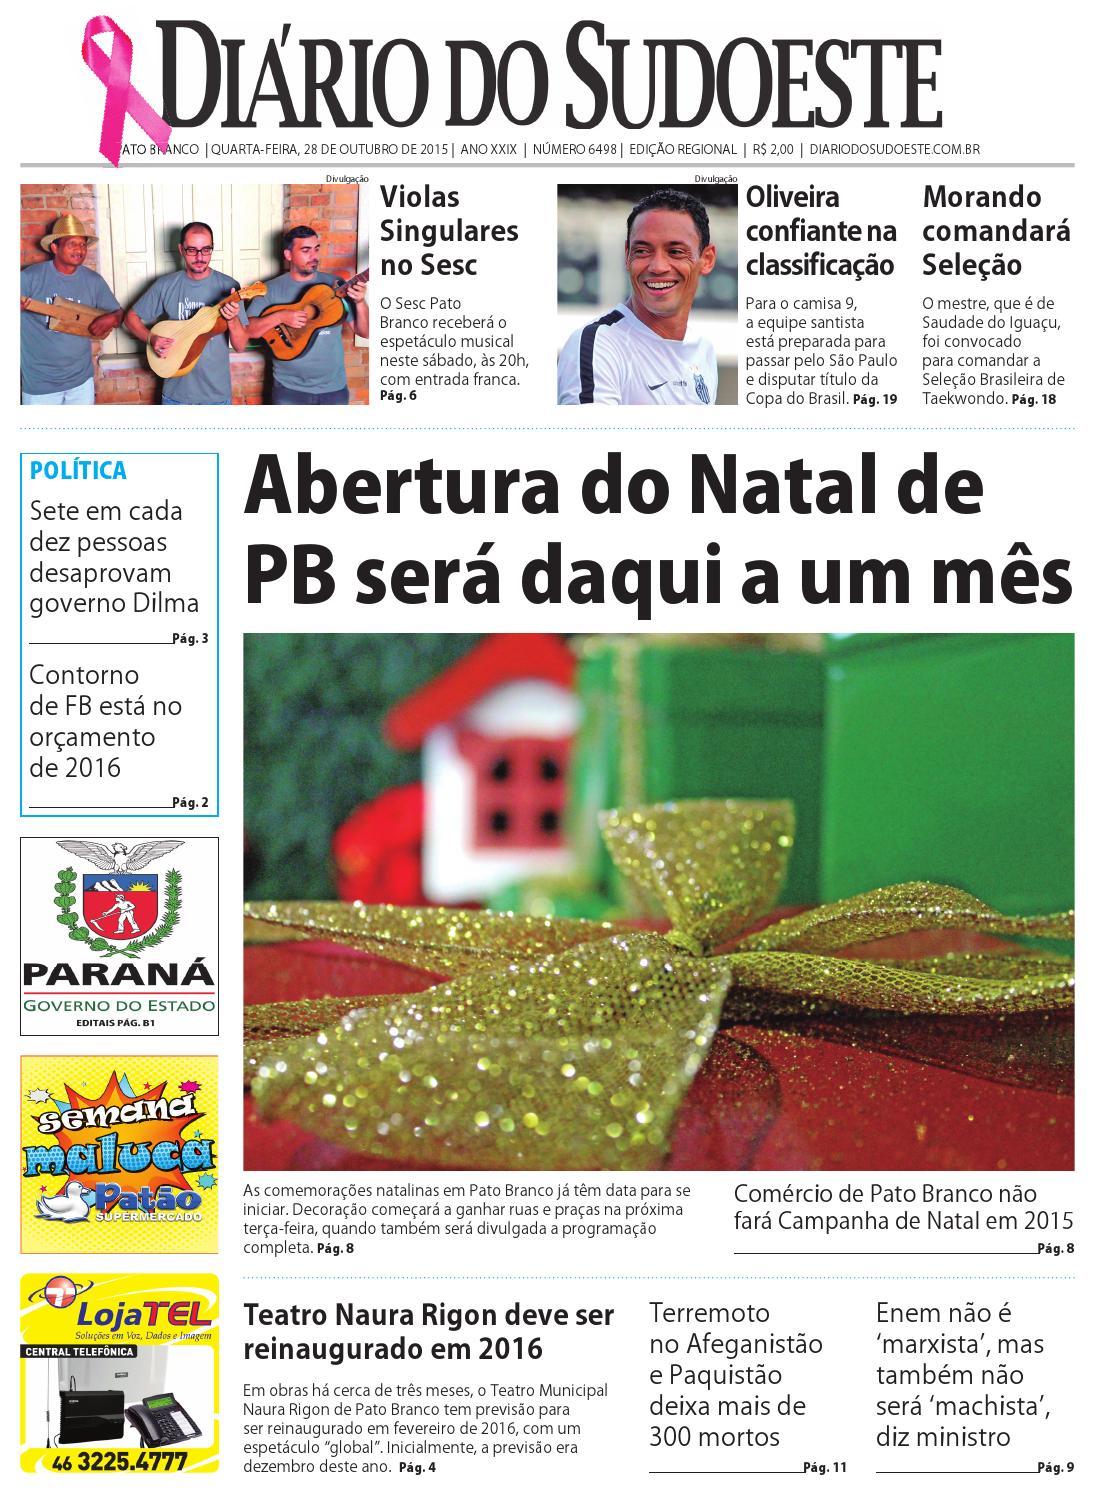 Diário do sudoeste 28 de outubro de 2015 ed 6498 by Diário do Sudoeste -  issuu 90b34e2427735